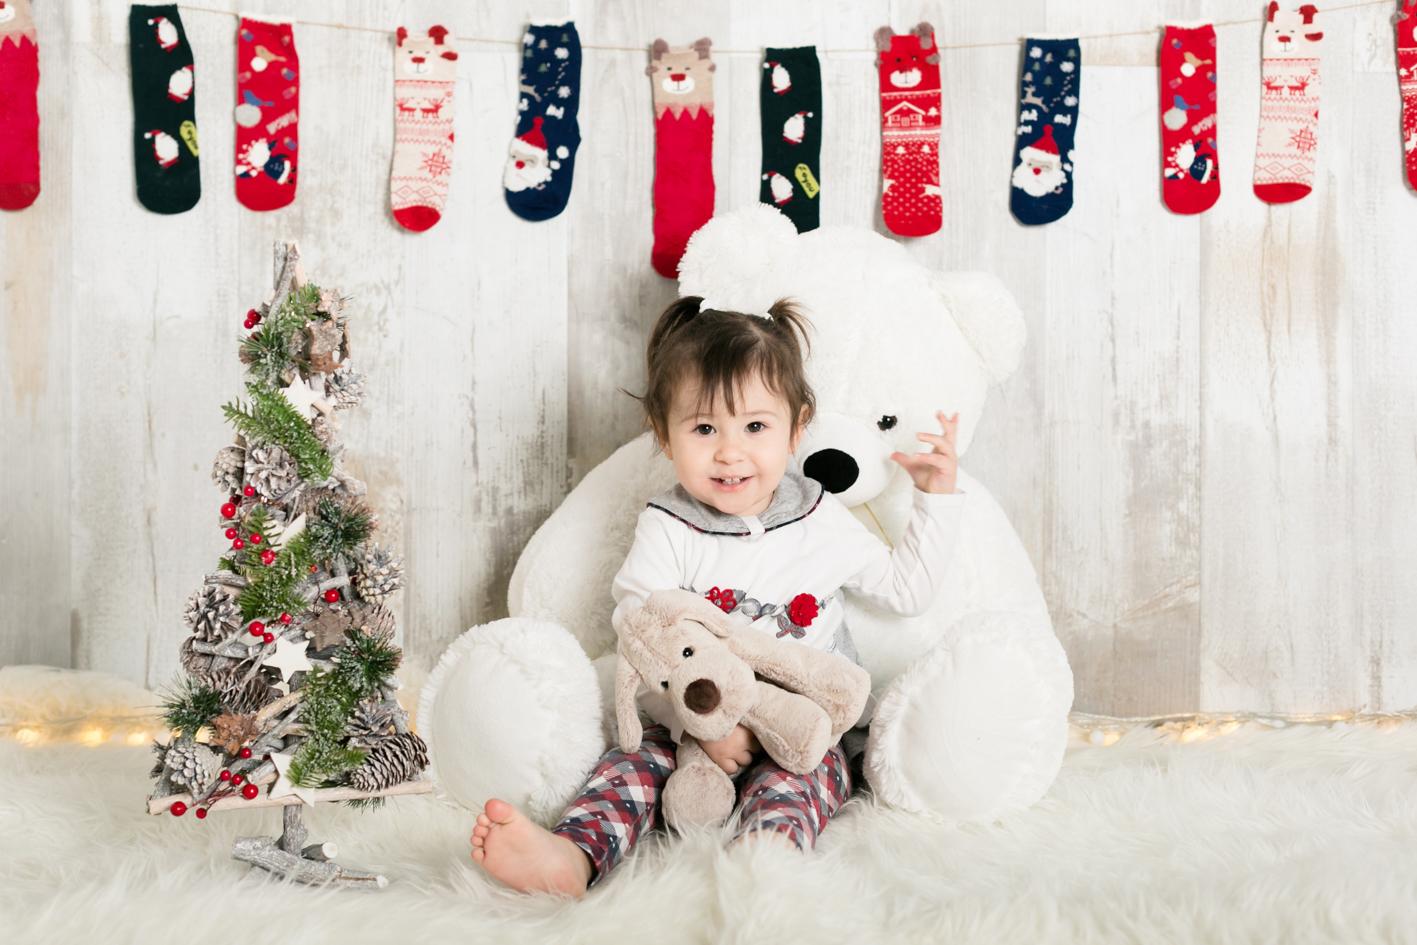 Natale Bambini.Auguri Originali Con Le Foto Di Natale Dei Bambini